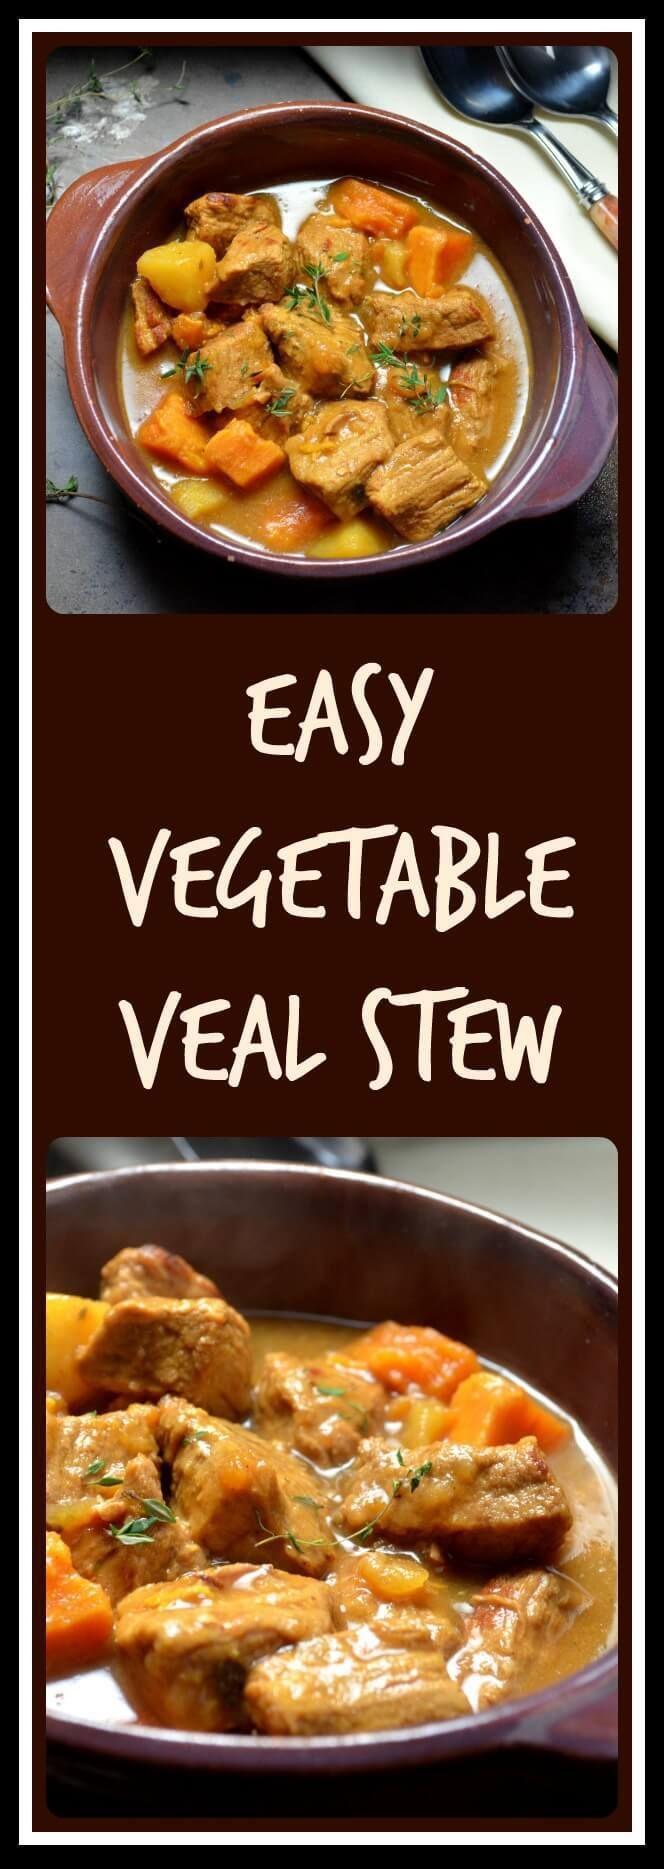 Easy Vegetable Veal Stew